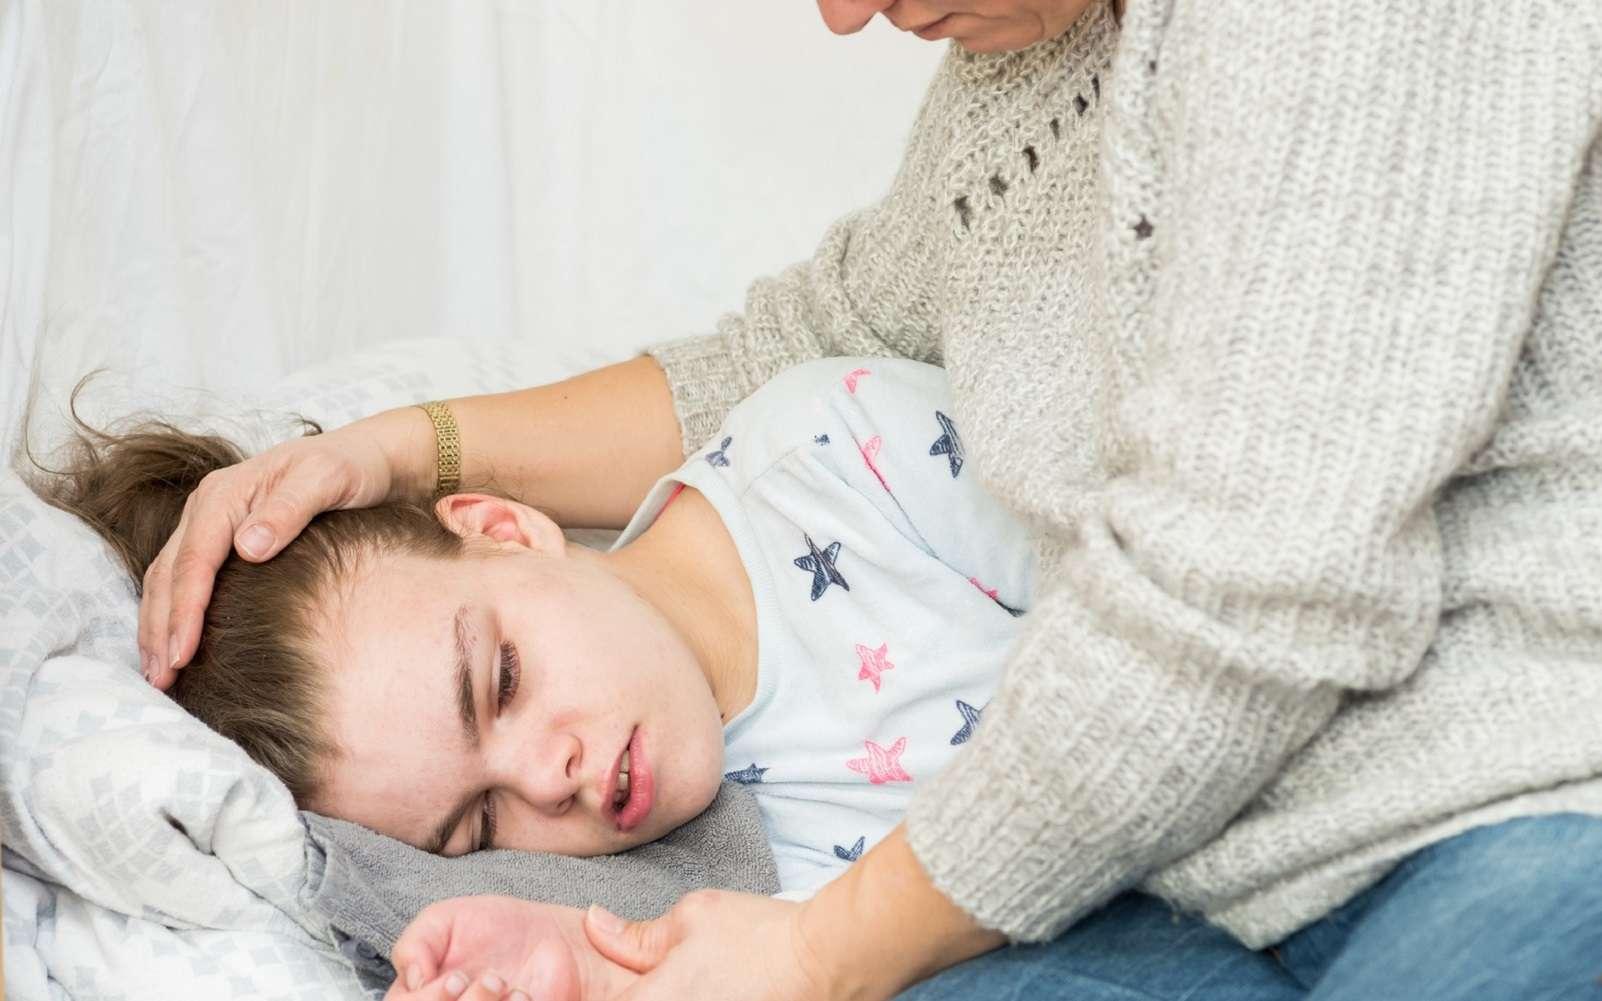 L'épilepsie apparaît souvent pendant l'enfance. © mjowra, Fotolia